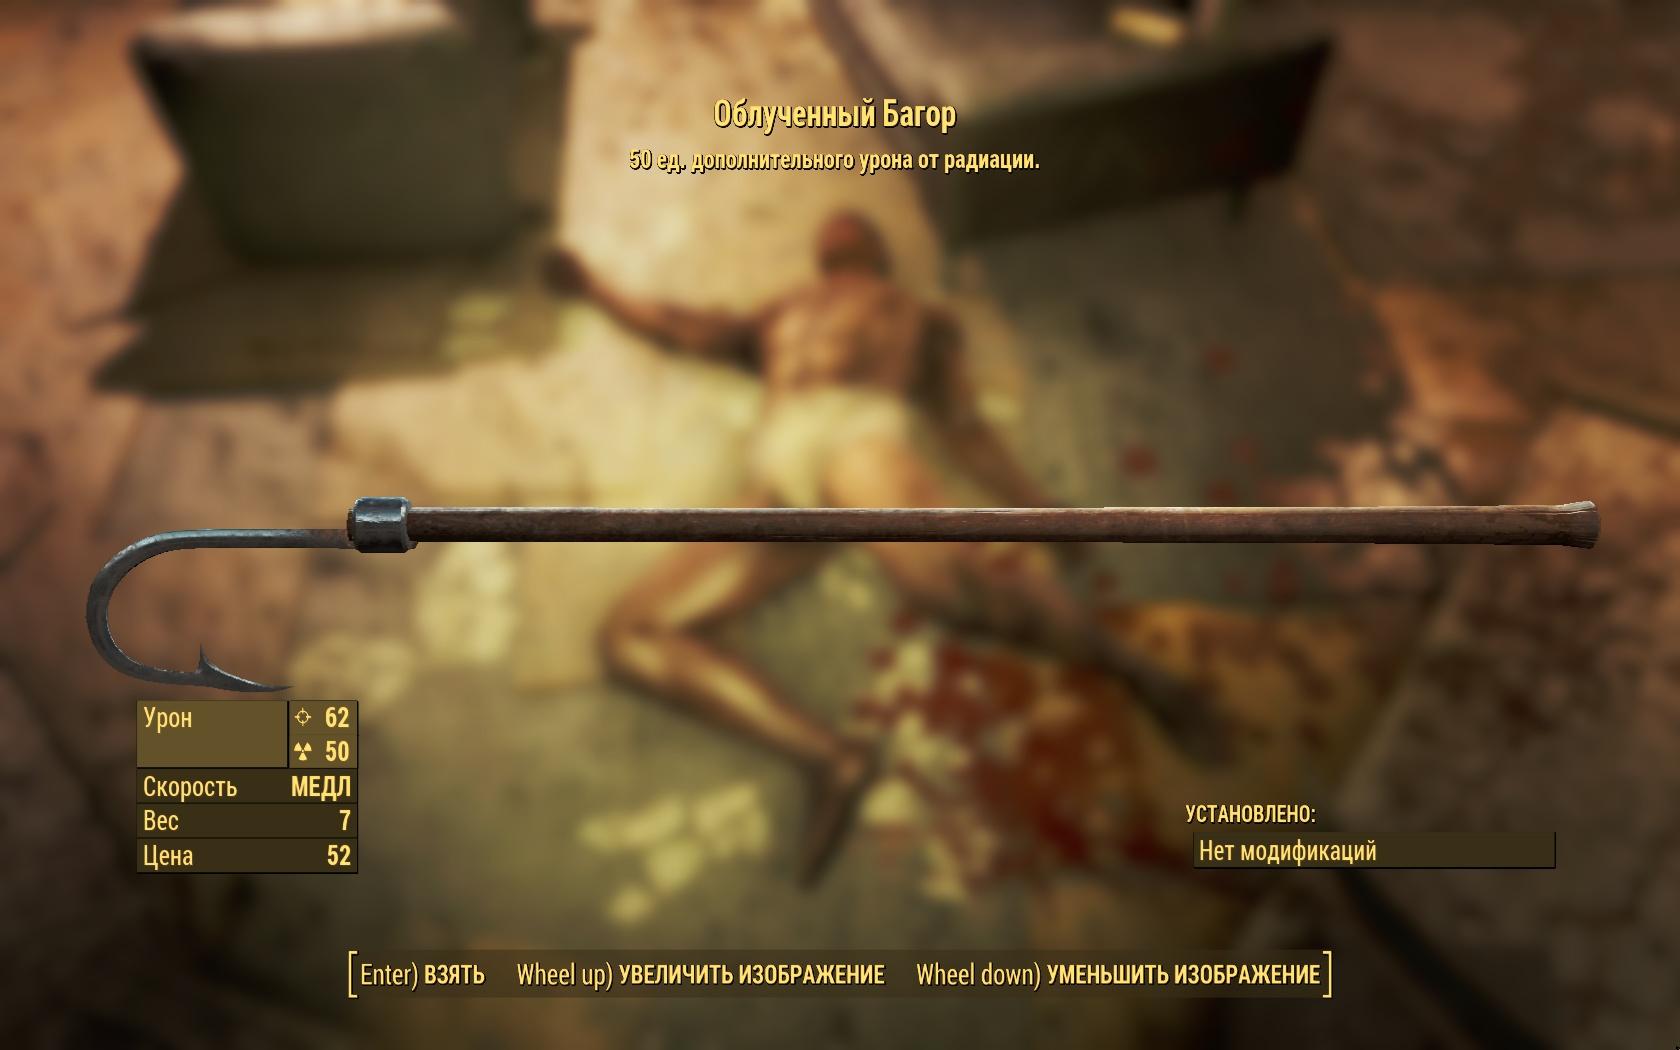 Облучённый багор - Fallout 4 багор, Облучённый, Оружие